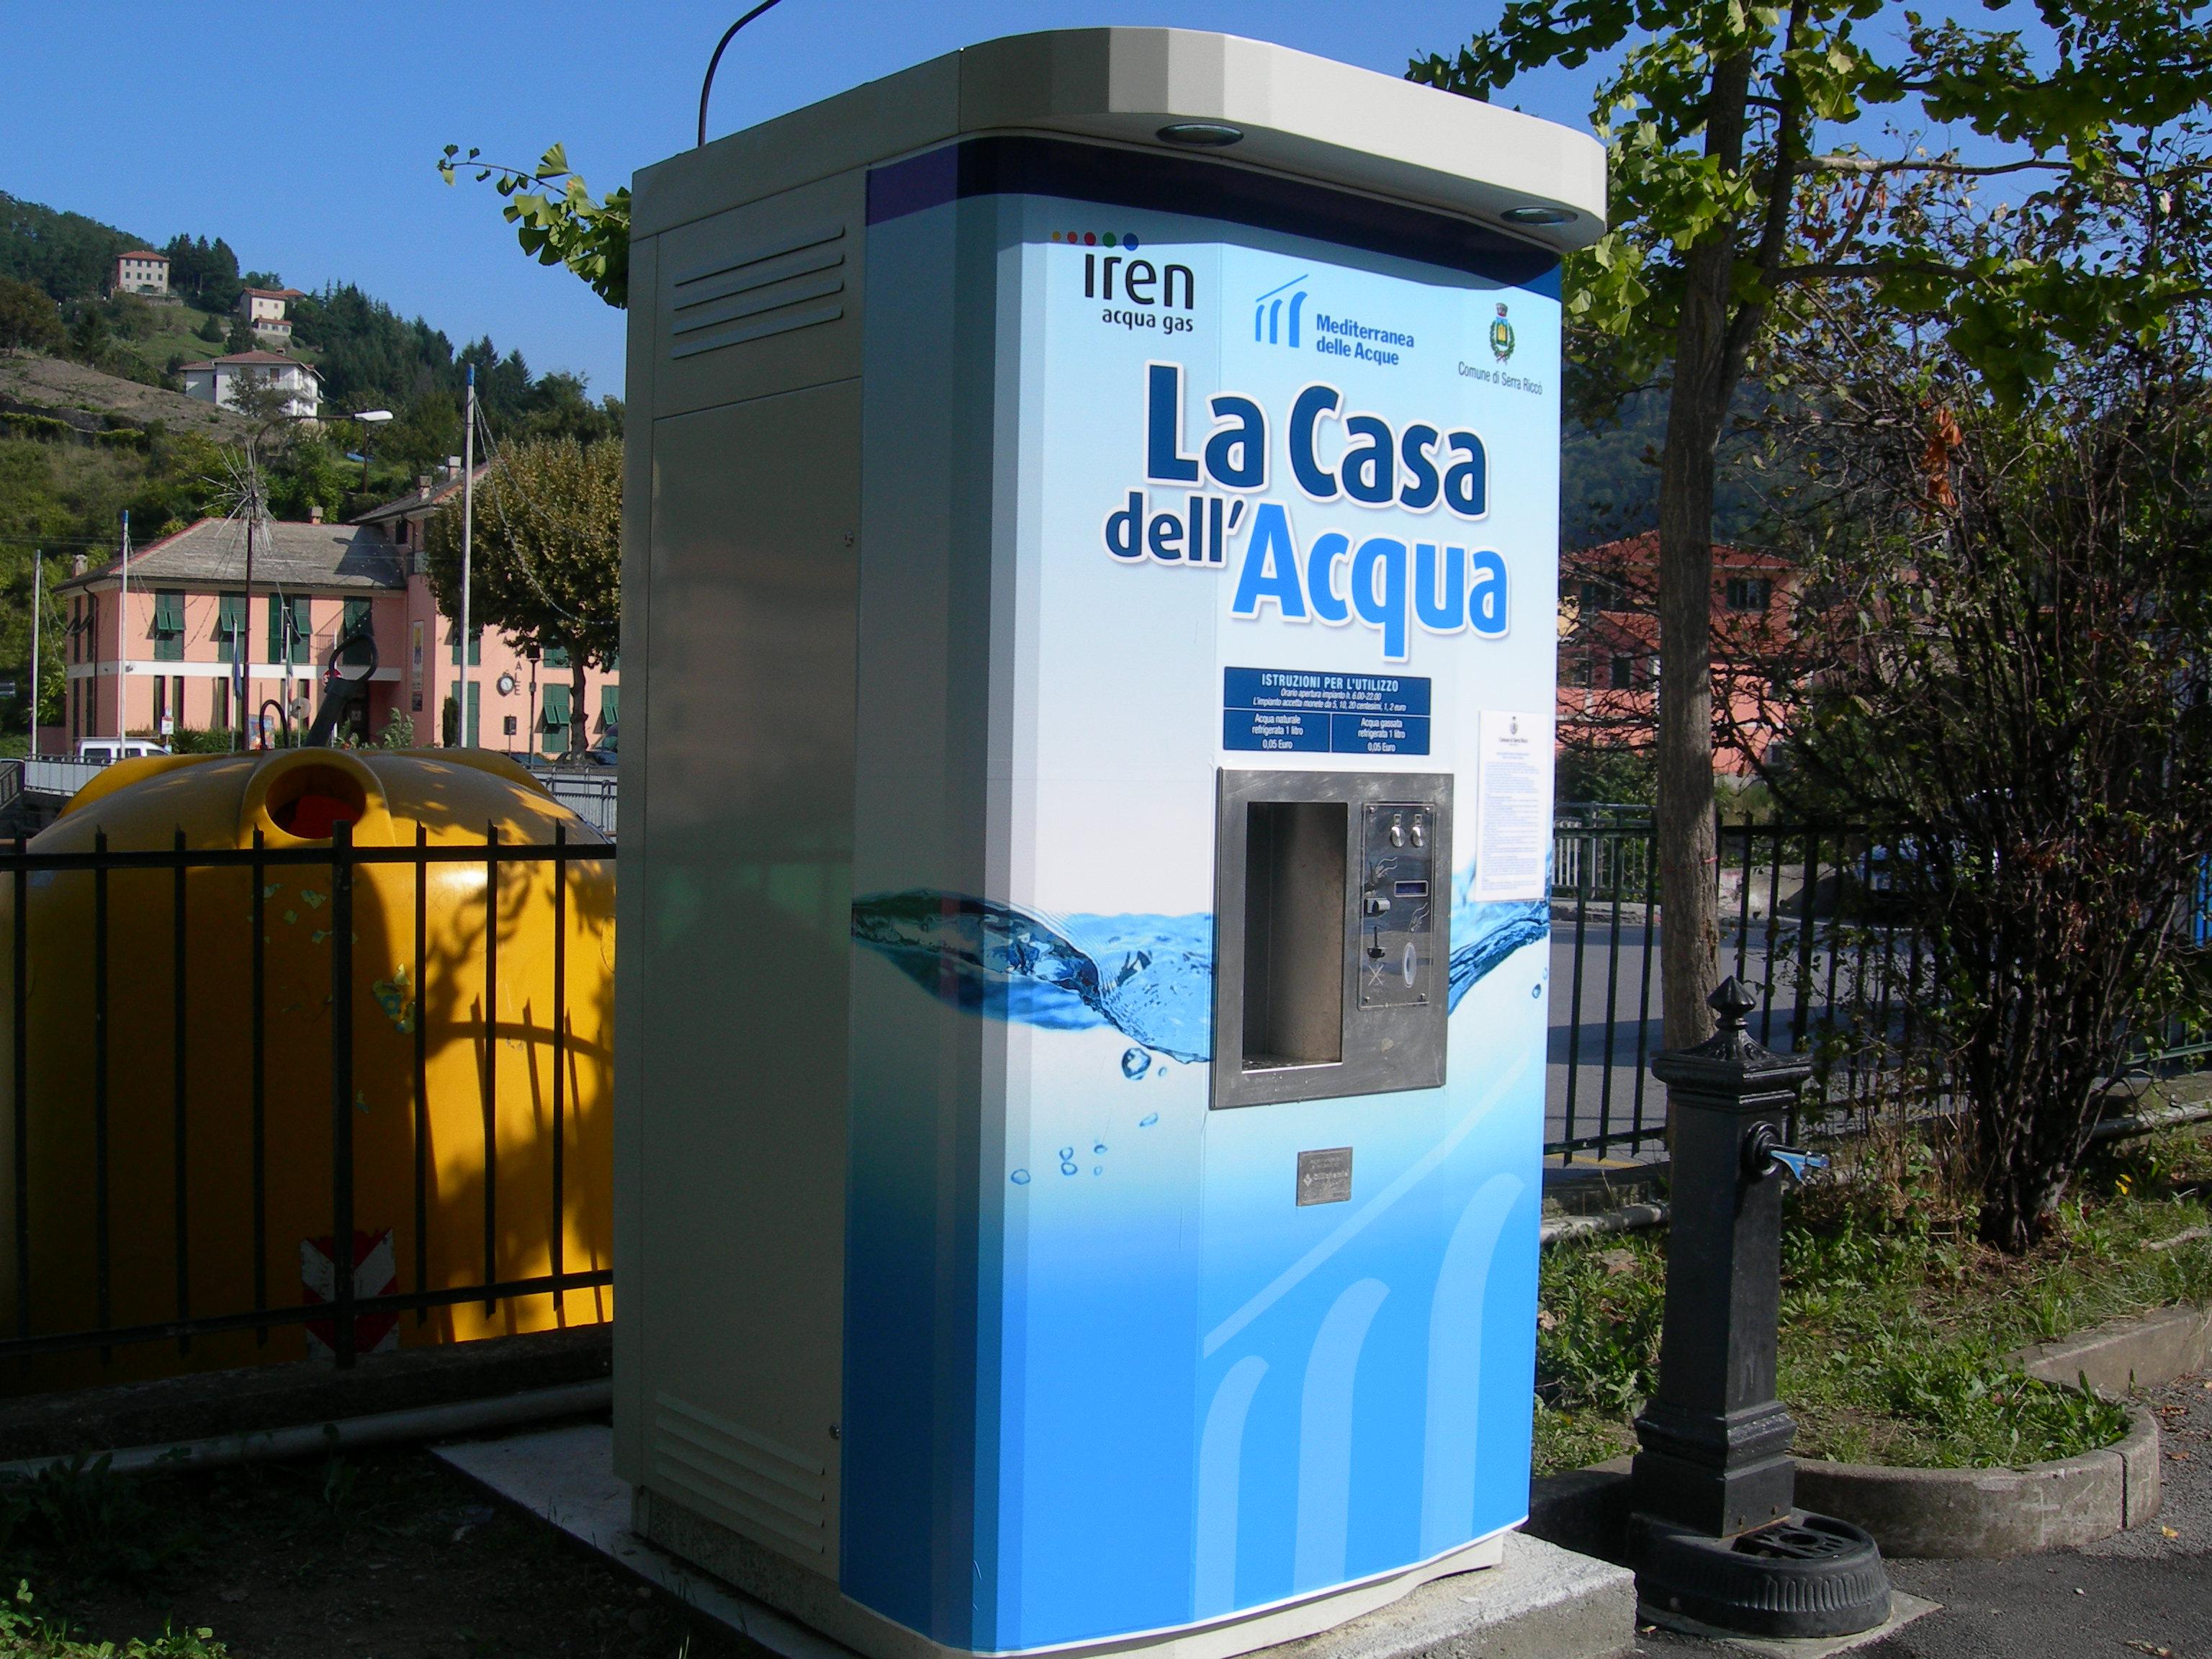 Gazzettino online  Notizie, cronaca, politica, attualità di Catania, Messina e province  casa ...